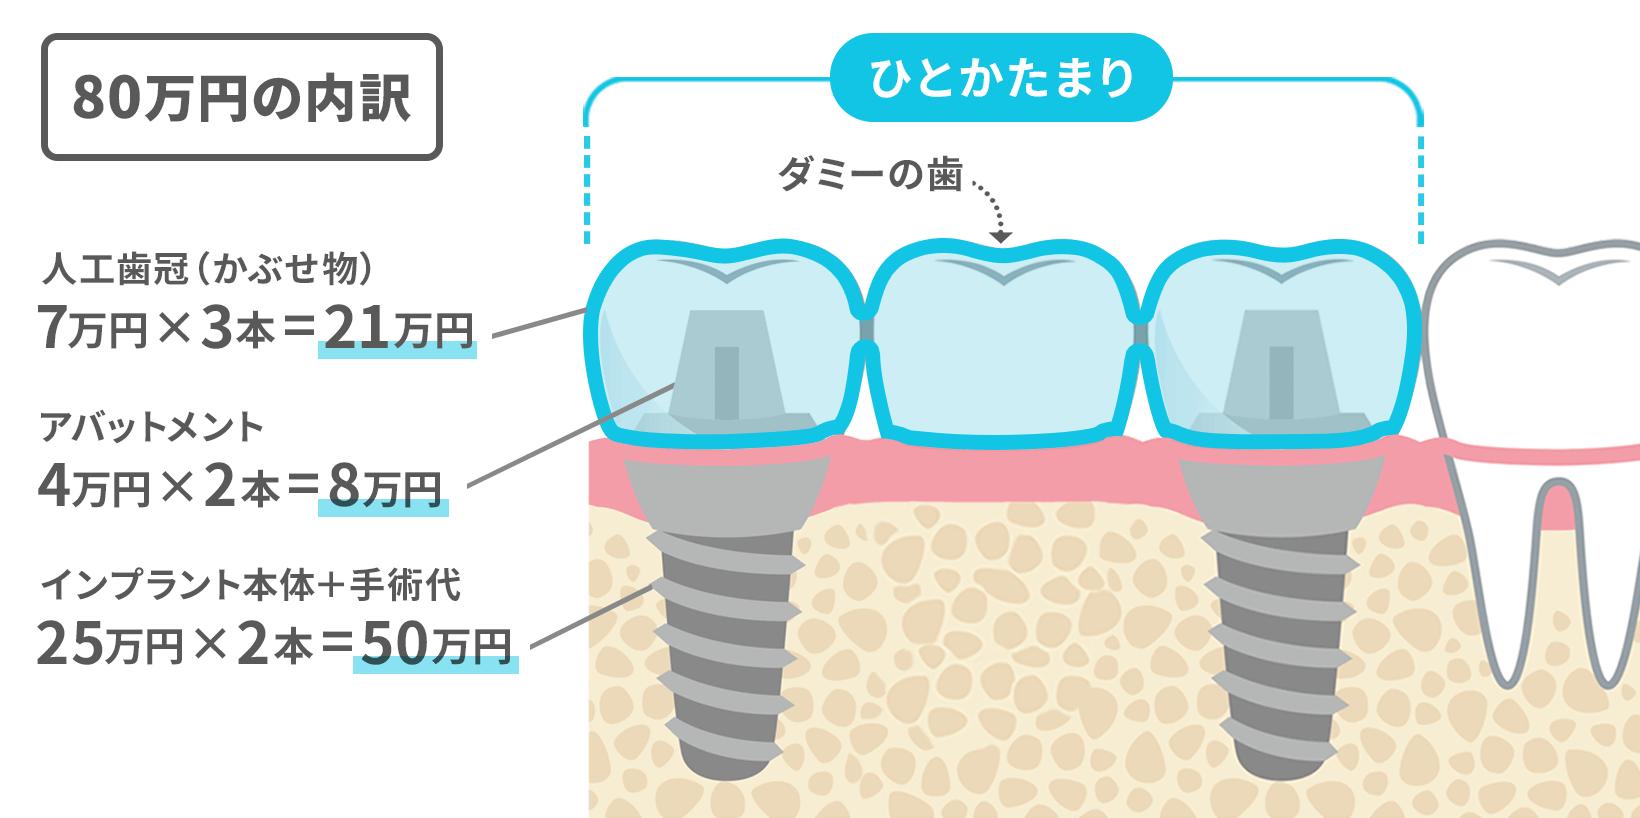 インプラント2本の間にダミーの歯を作る。80万円の内訳は、かぶせ物7万円×3本=21万円、アバットメント4万円×2本=8万円、インプラント本体+手術代25万円×2本=50万円